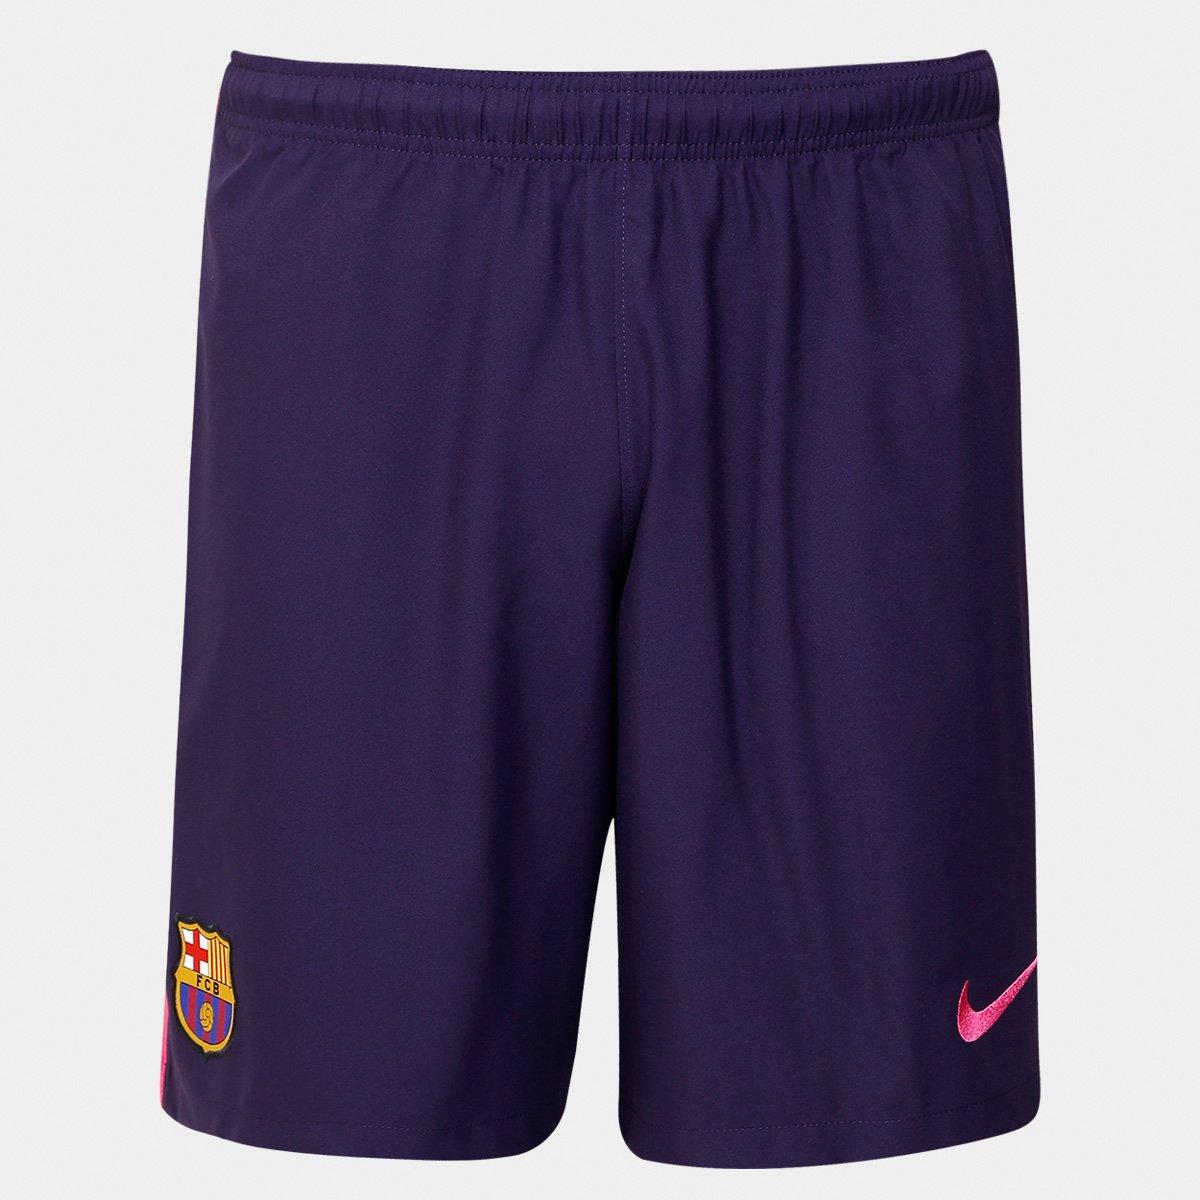 a9eefb1fc7 Calção Nike Barcelona 16 17 - Compre Agora